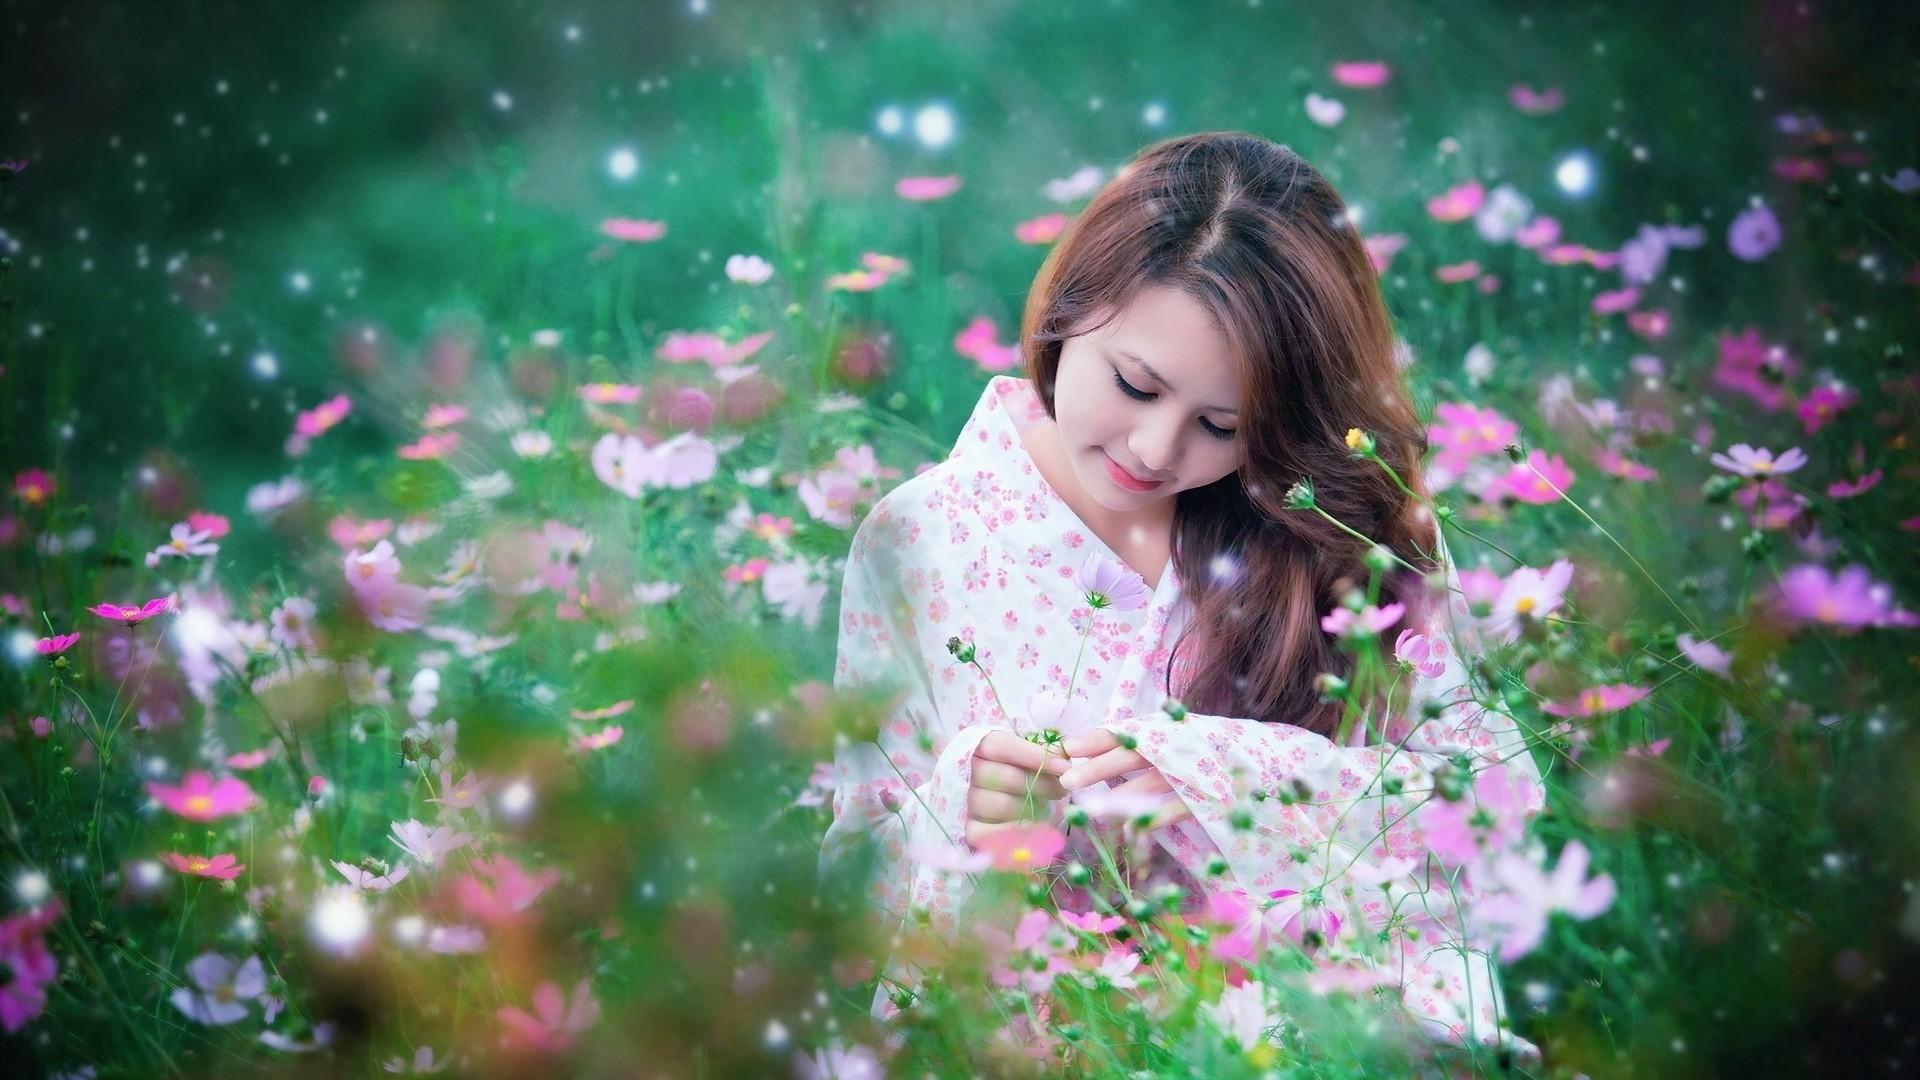 Wallpaper asian, girl, field, flowers